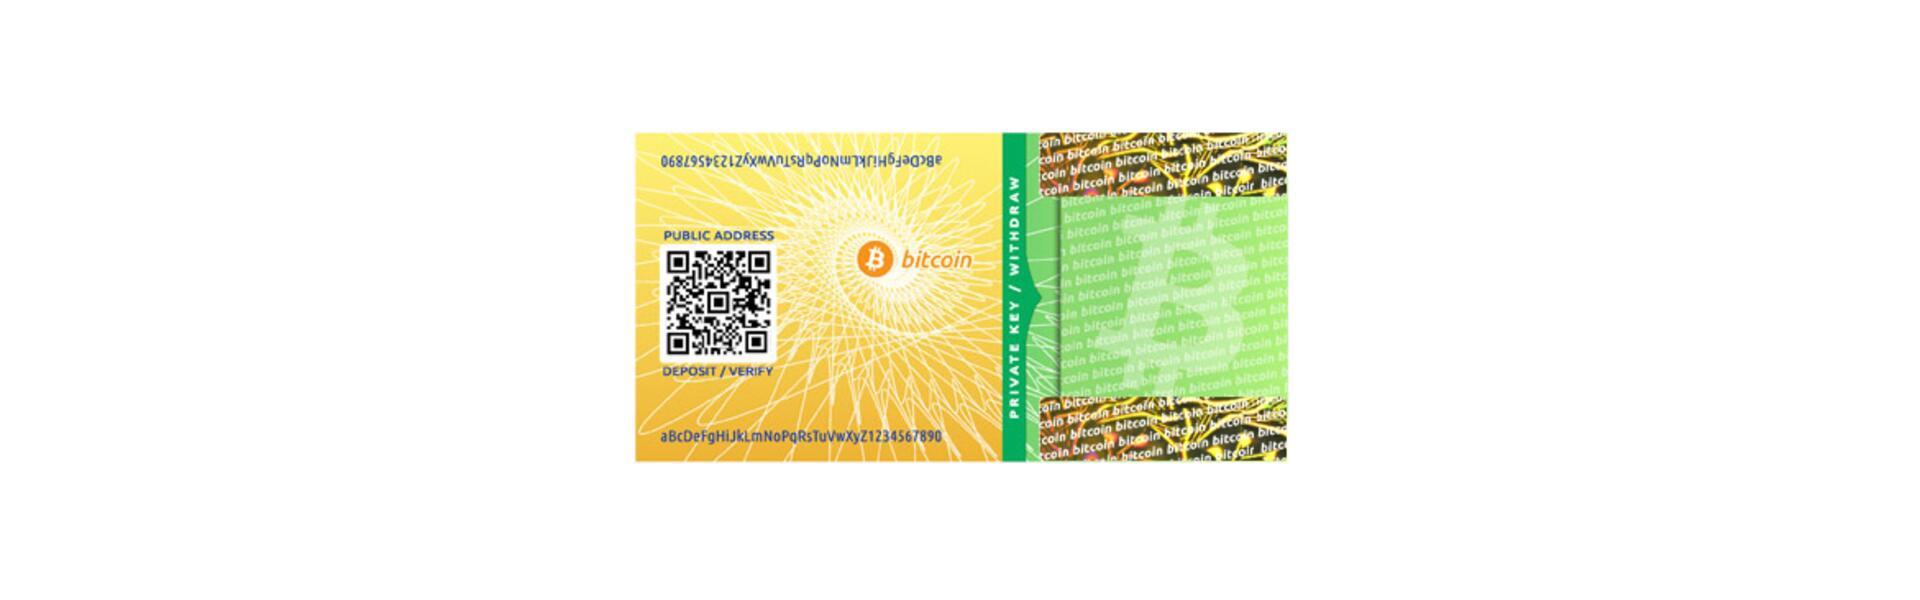 Paper wallet, bewaar je bitcoins veilig offline